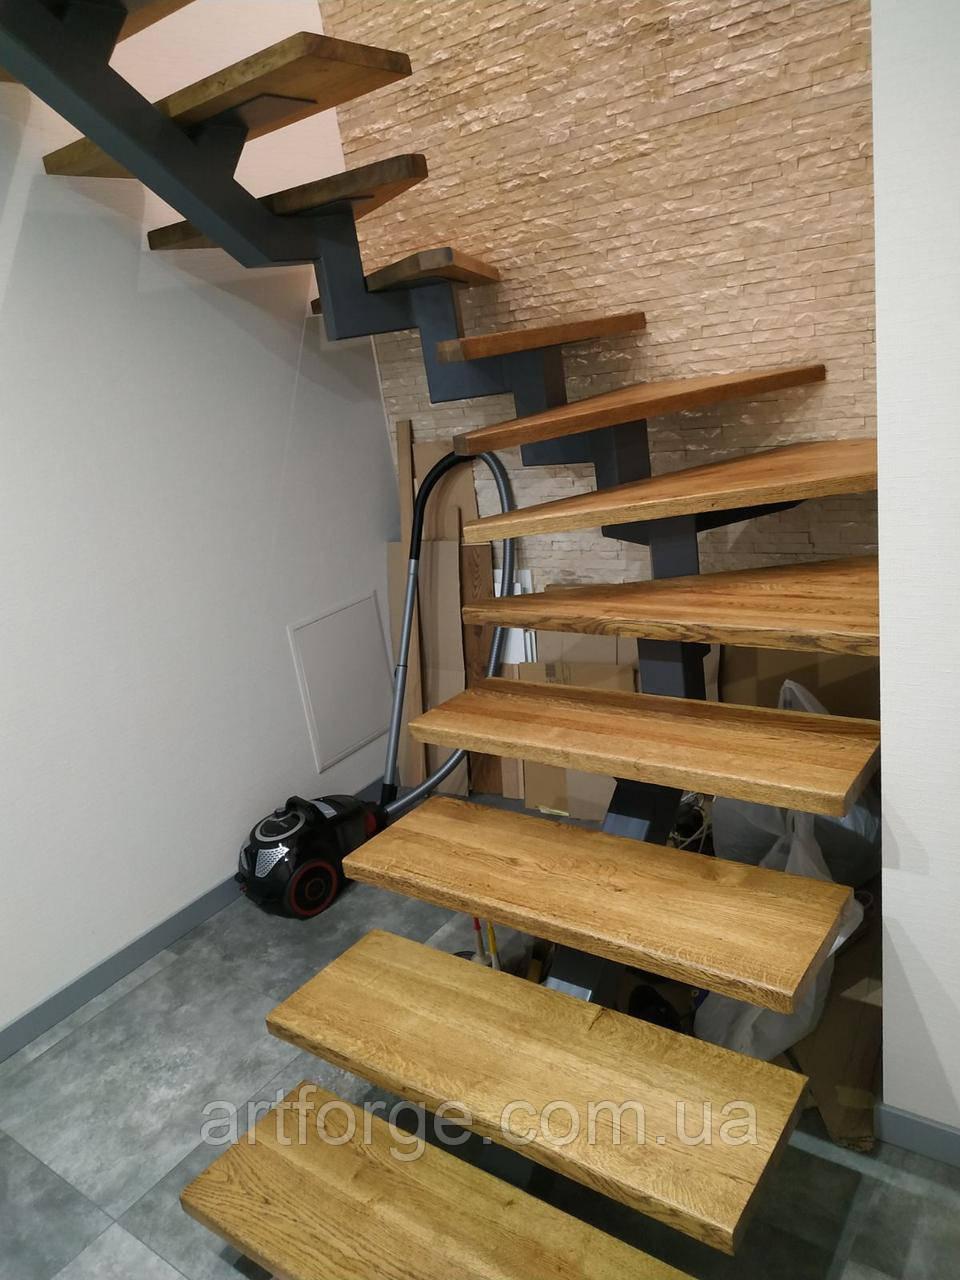 Відкрита сходи в сучасному стилі на центральному монокосоуе. П-подібні сходи в квартиру, будинок, котедж.